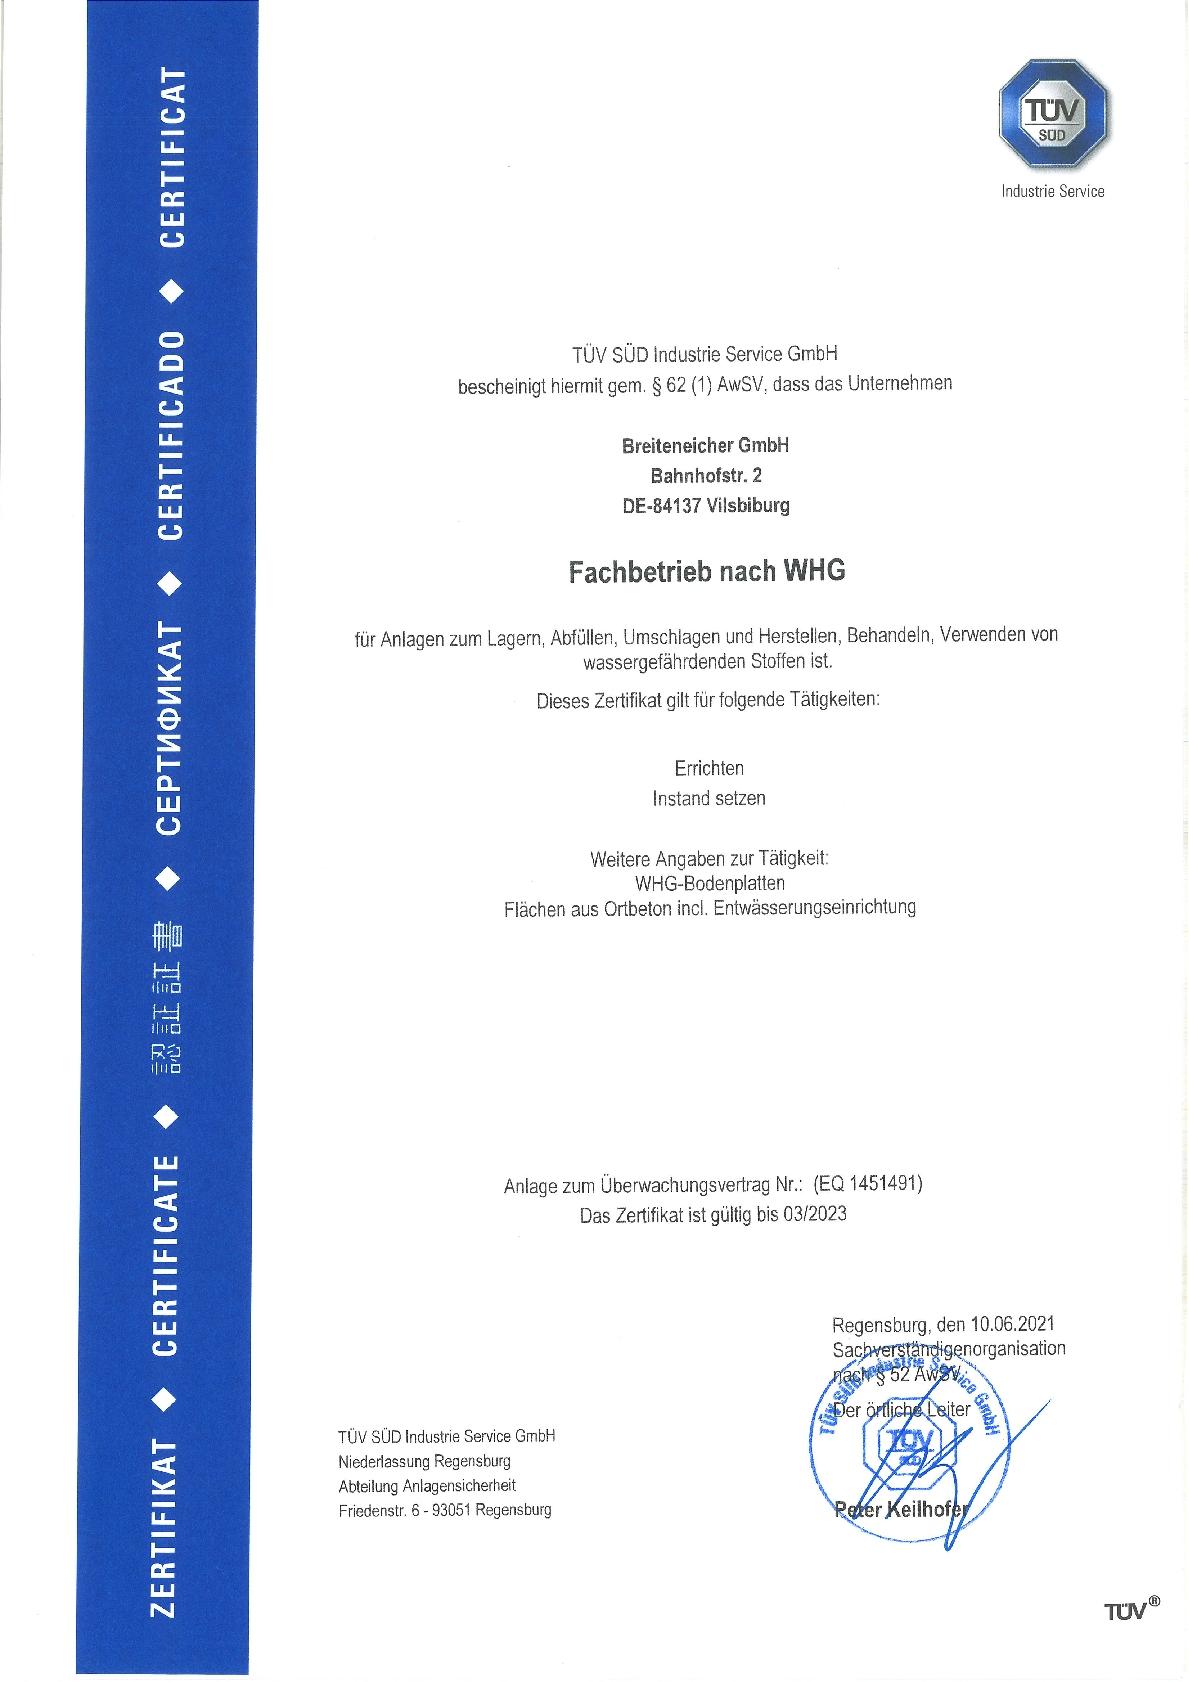 Fachbetrieb nach WHG, Breiteneicher GmbH, Vilsbiburg